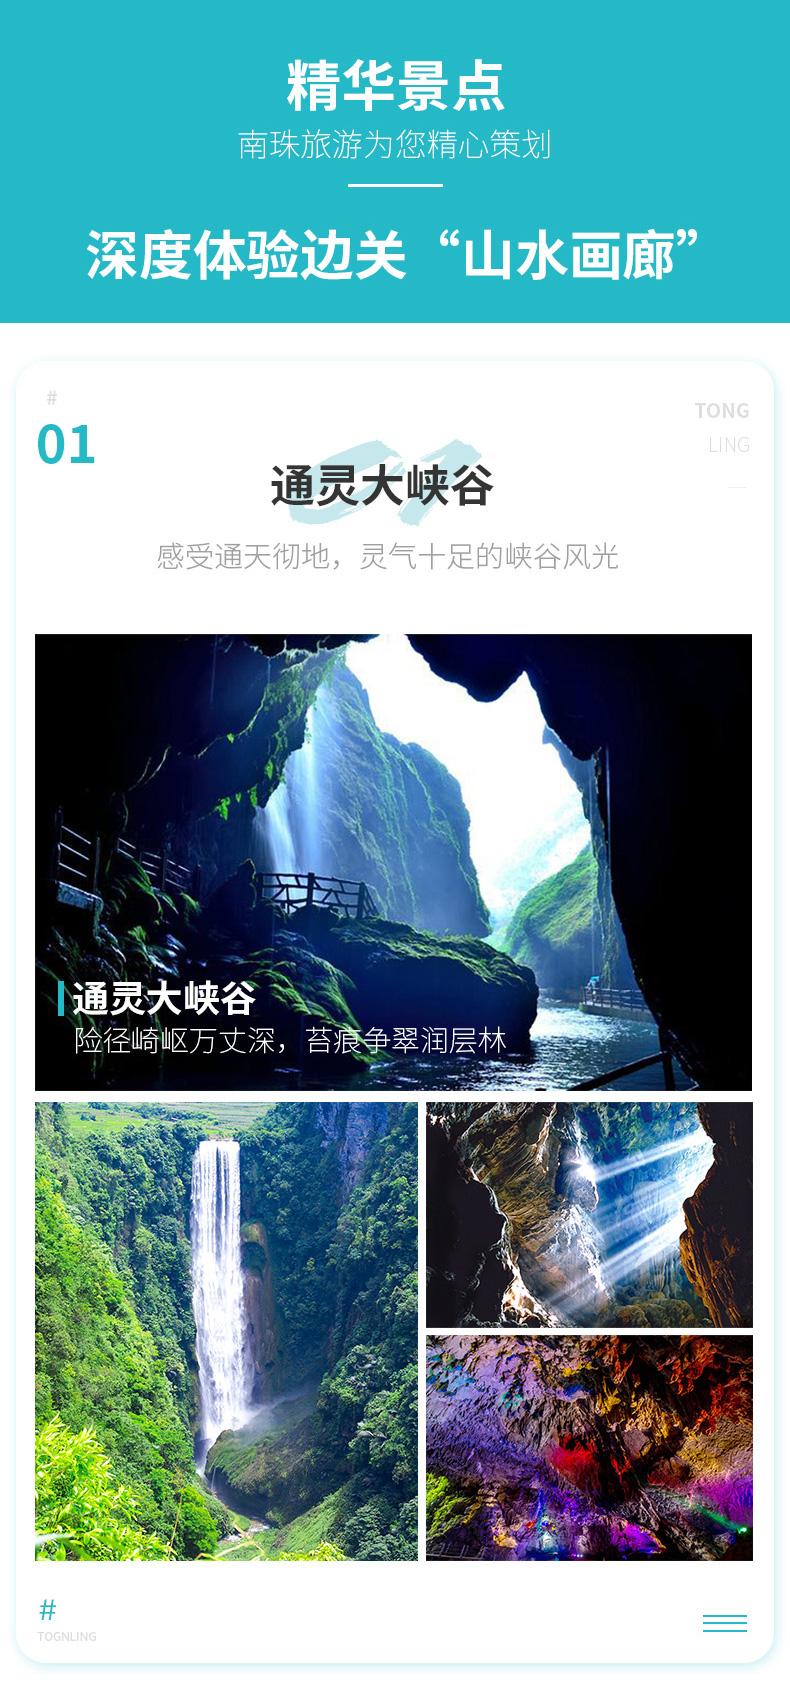 德天-通灵-巴马-3日游-小程序版本_02.jpg